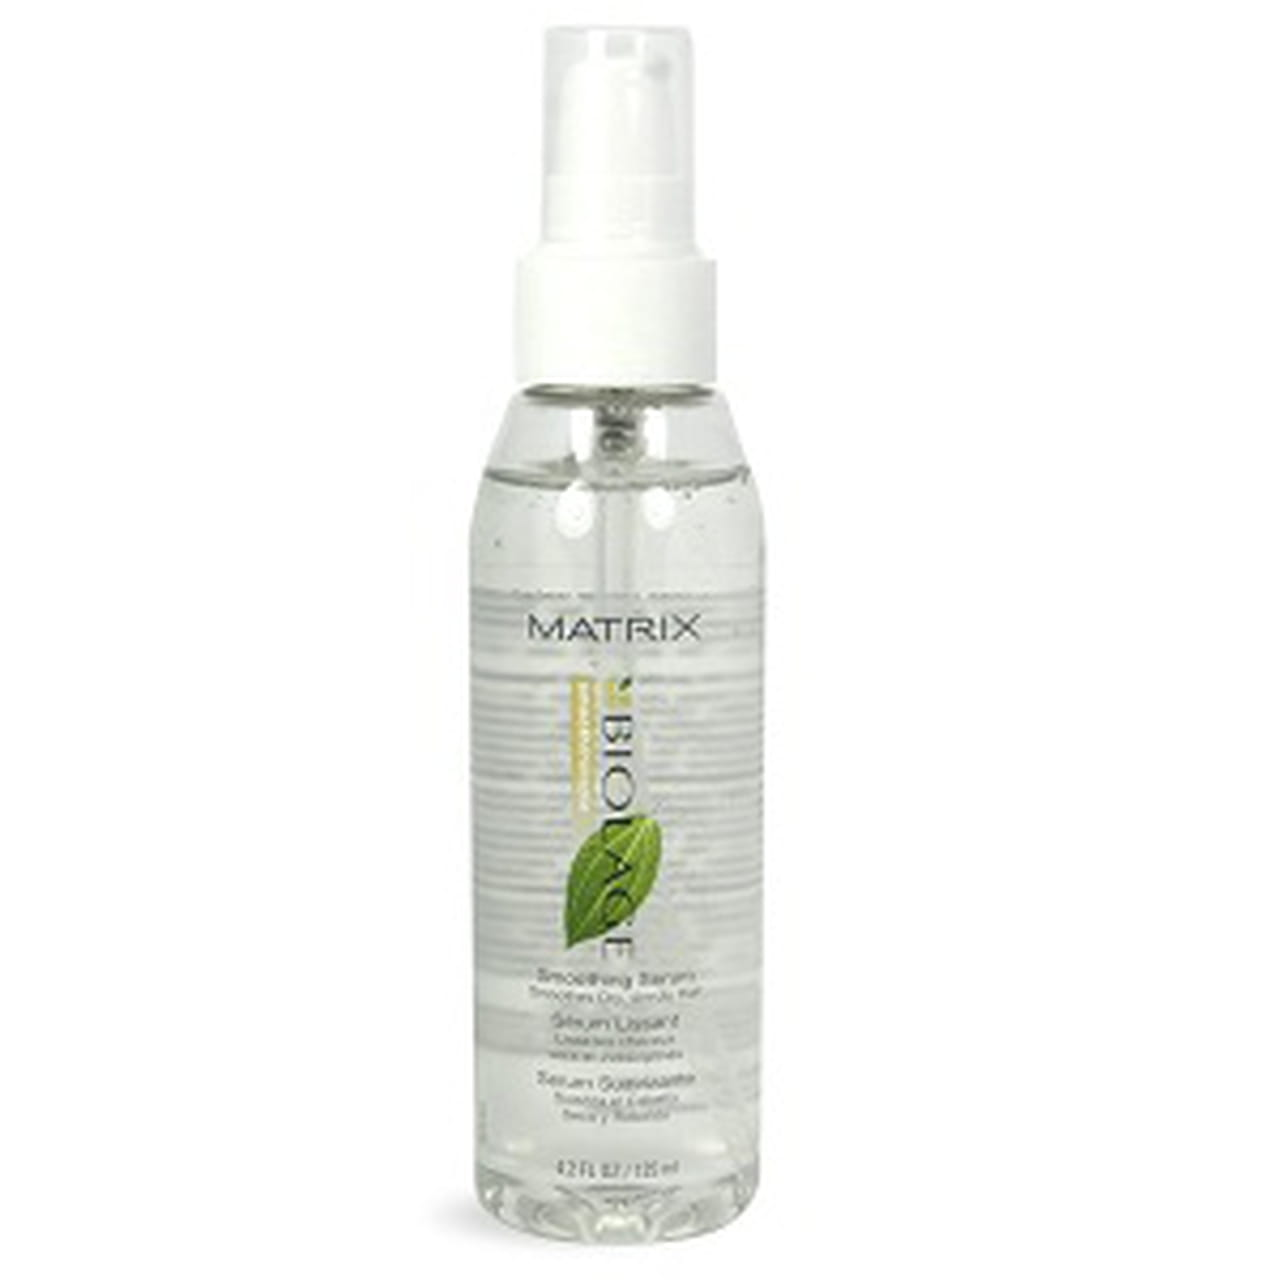 1f99c18bc 2- Matrix Biolage Smoothing Hair Serum